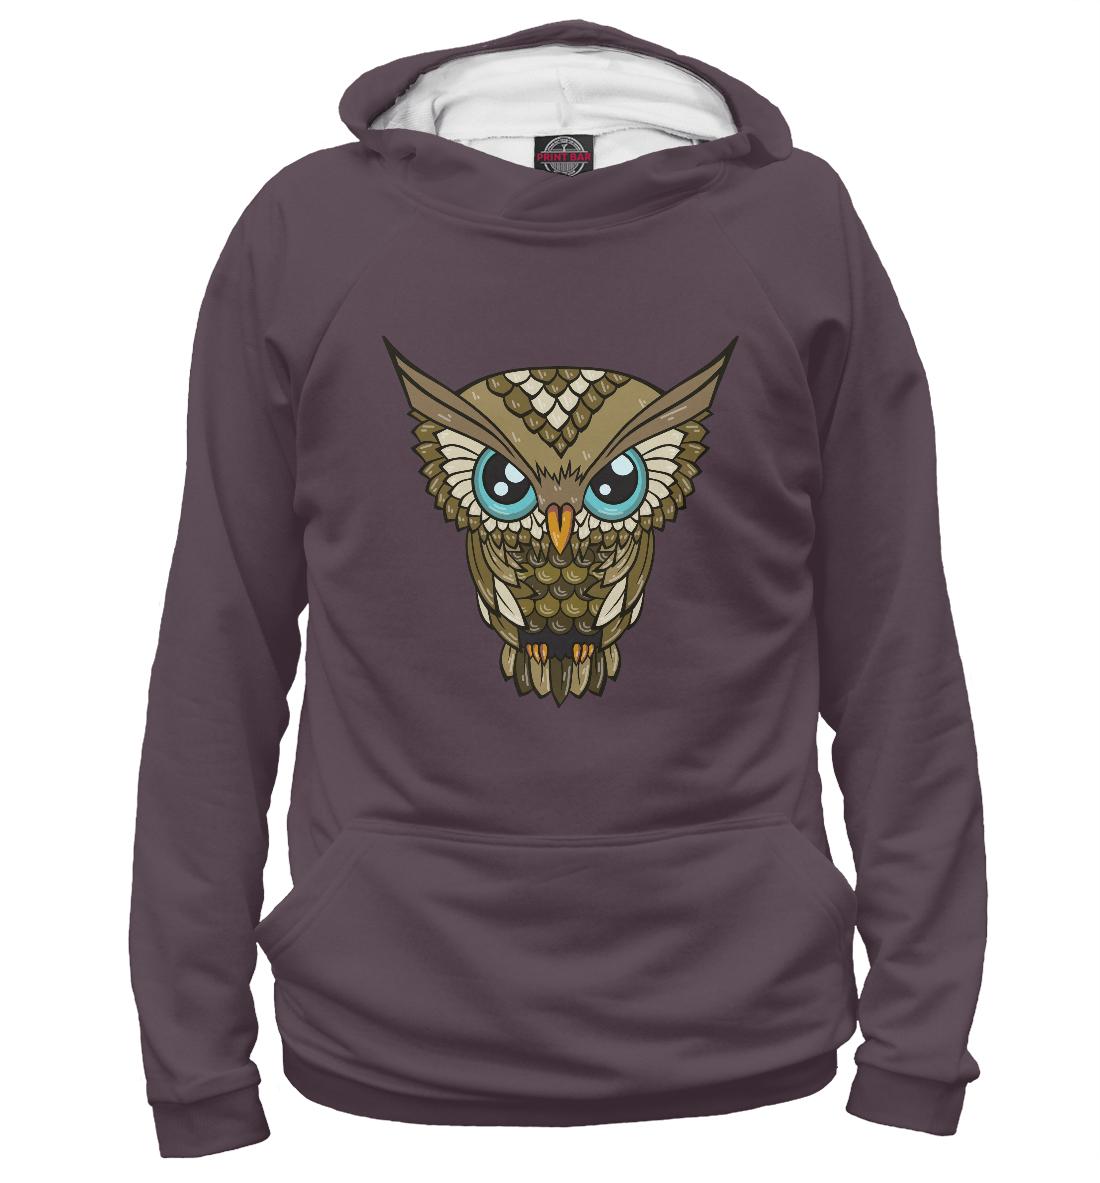 Купить Сова OWL, Printbar, Худи, PTI-582437-hud-2